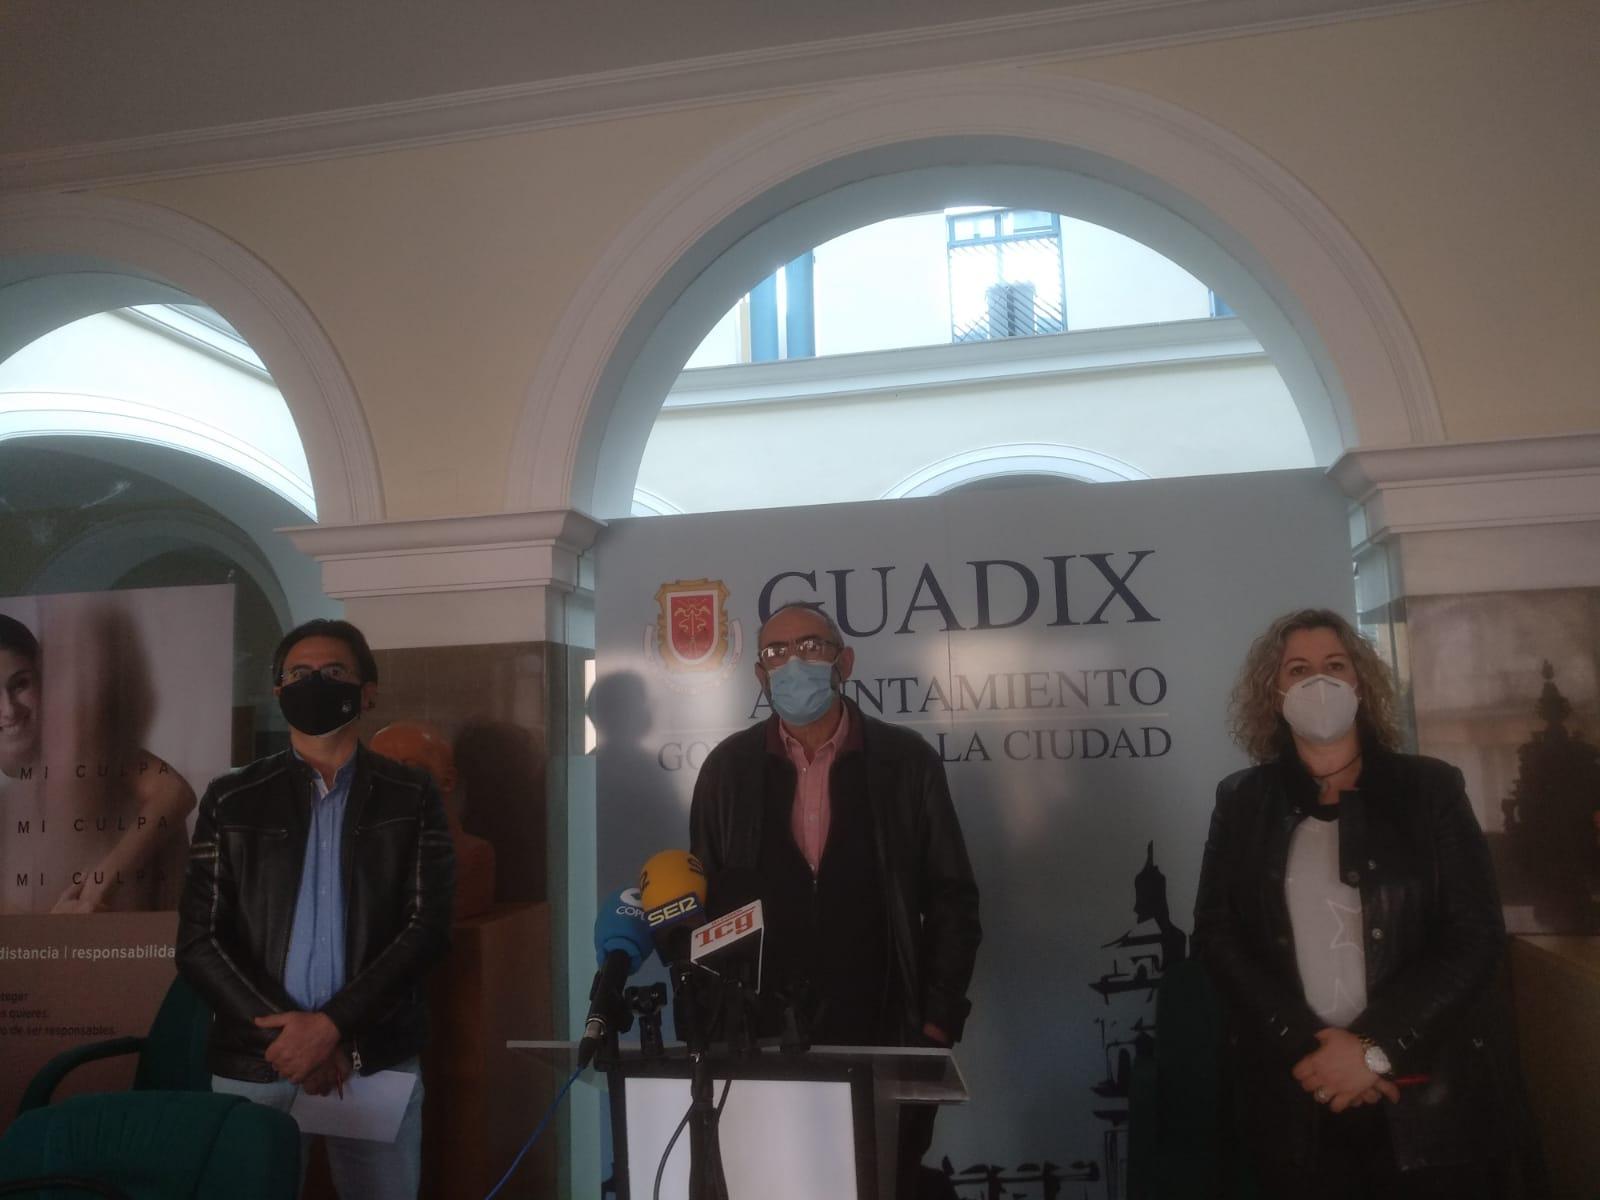 Los grupos de la oposición de Guadix presentarán una Moción de Reprobación a la concejala de Igualdad